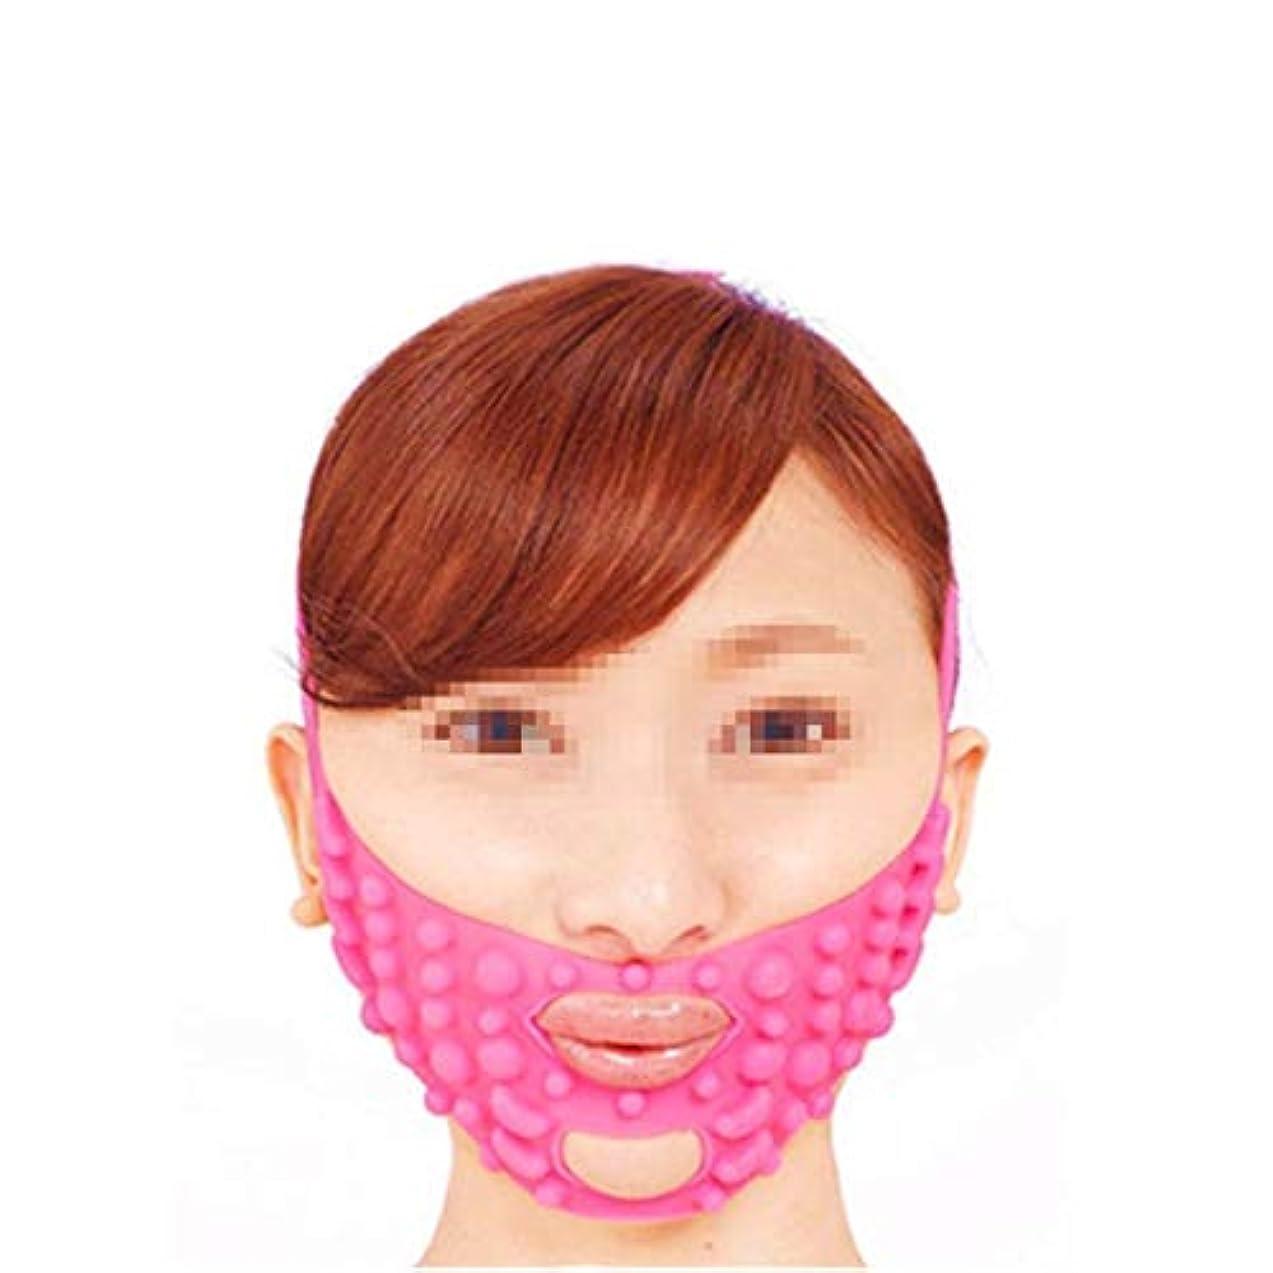 聴覚マルコポーロ驚いたことにシリコンマッサージフェイスマスク、タイトな形の小さなVフェイスリフトから法令パターンのフェイスリフト包帯ピンク